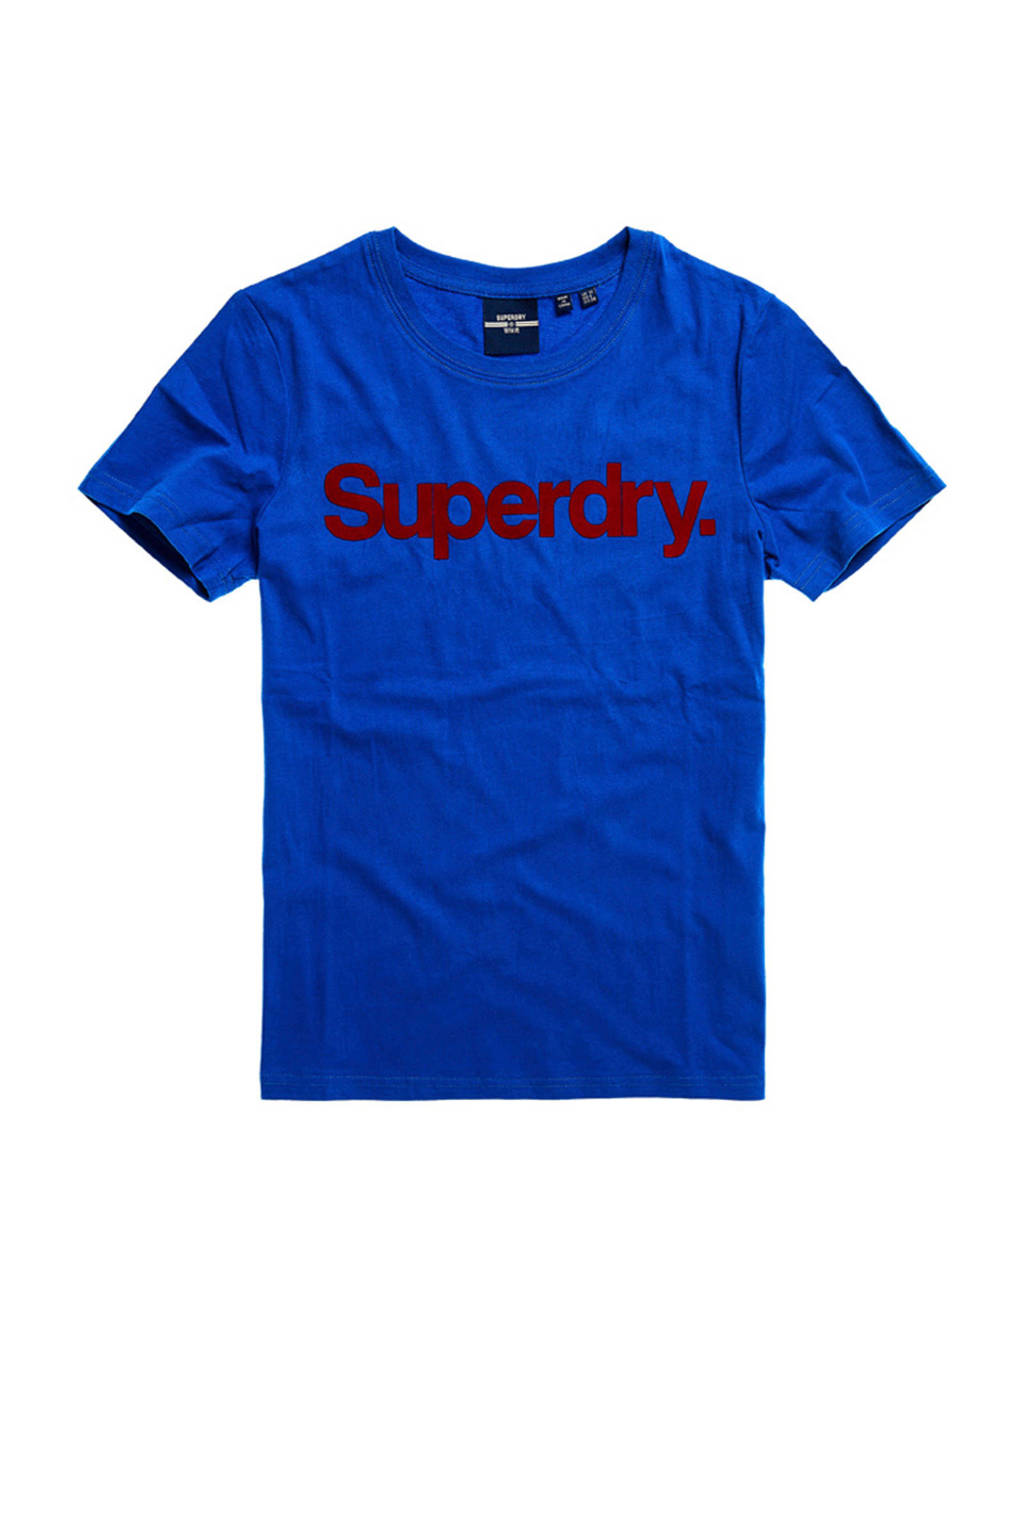 Superdry T-shirt met logo eagle blue, Eagle Blue